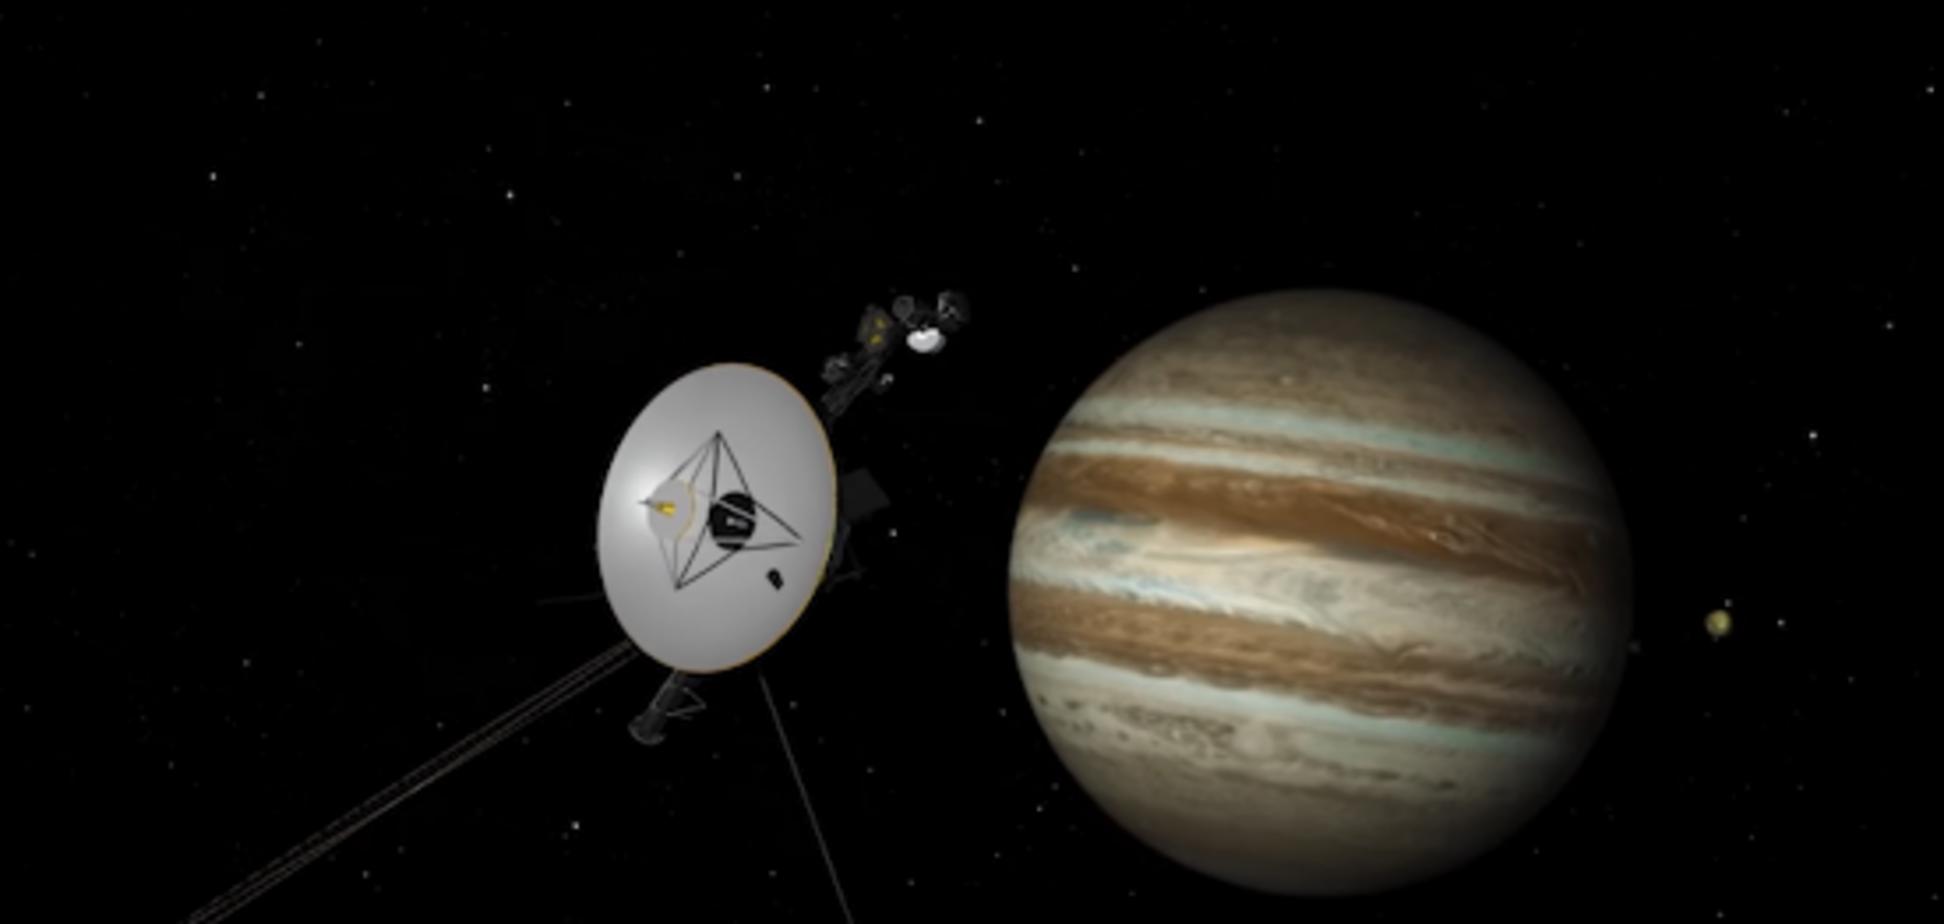 Вышел за гелиосферу! NASA объявили об историческом событии в космосе